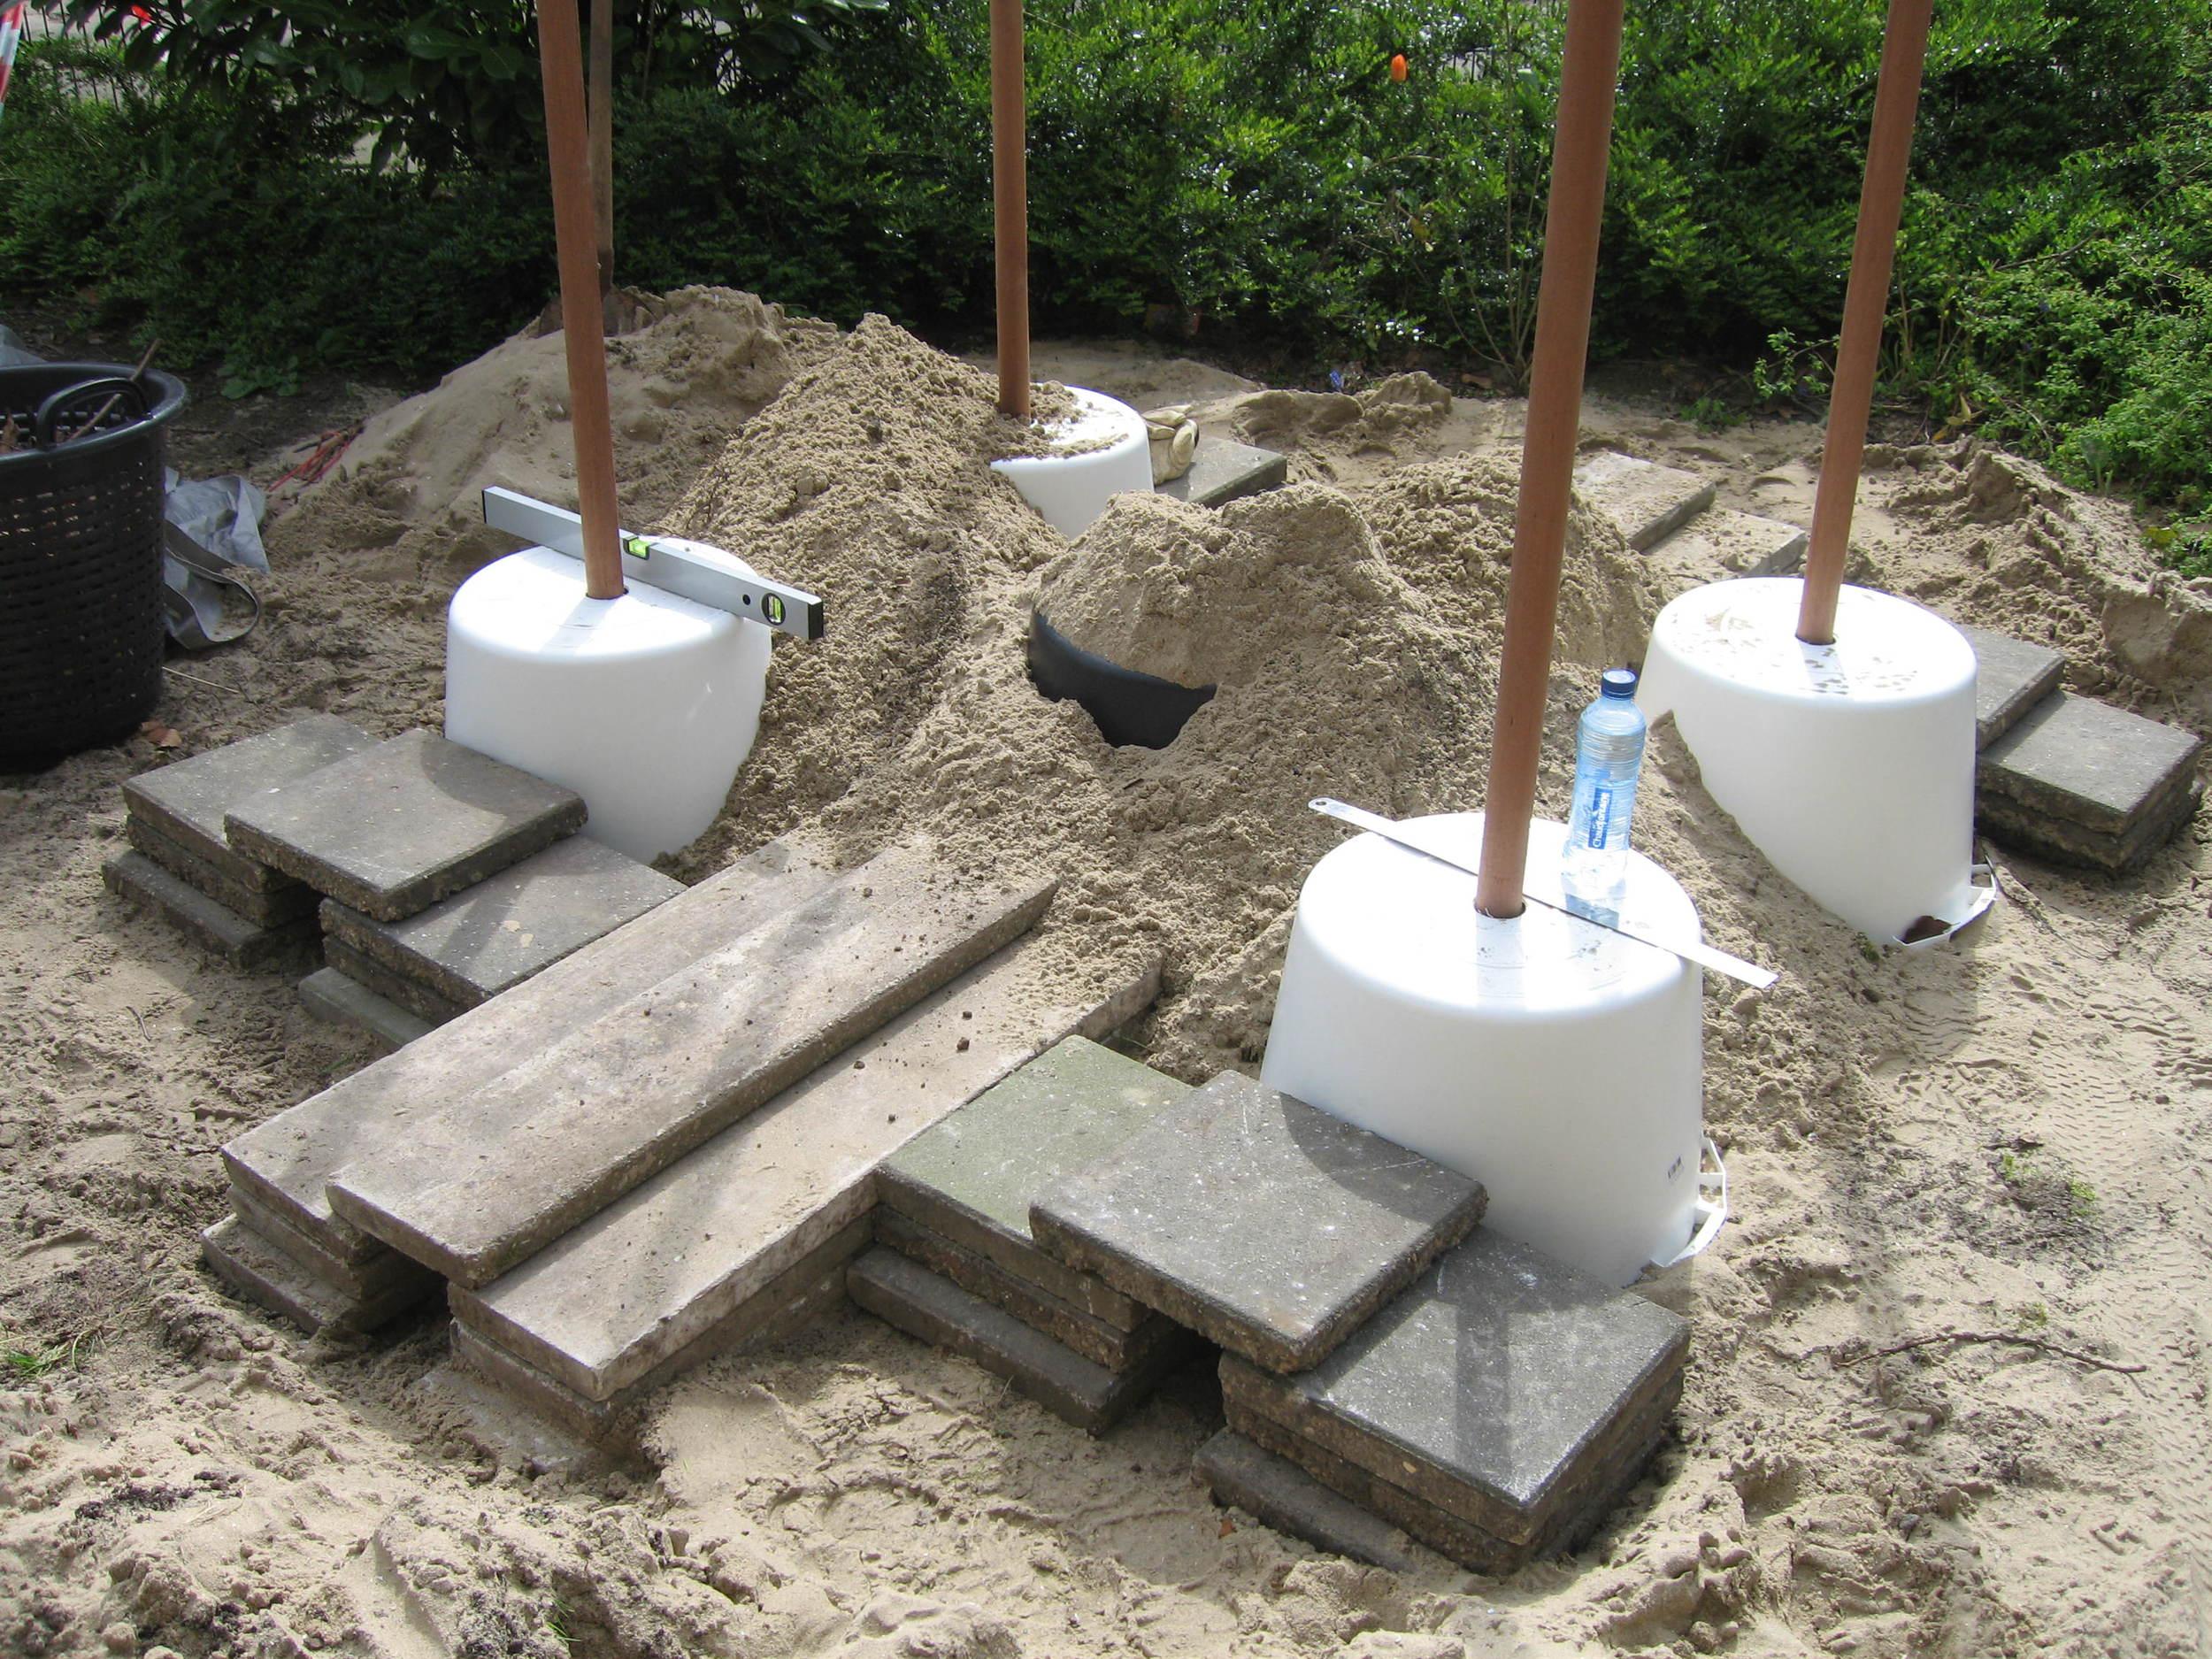 Een egelburcht, schuilplaats voor egels en kleine dieren, opgebouwd uit metselkuipen onder de grond.